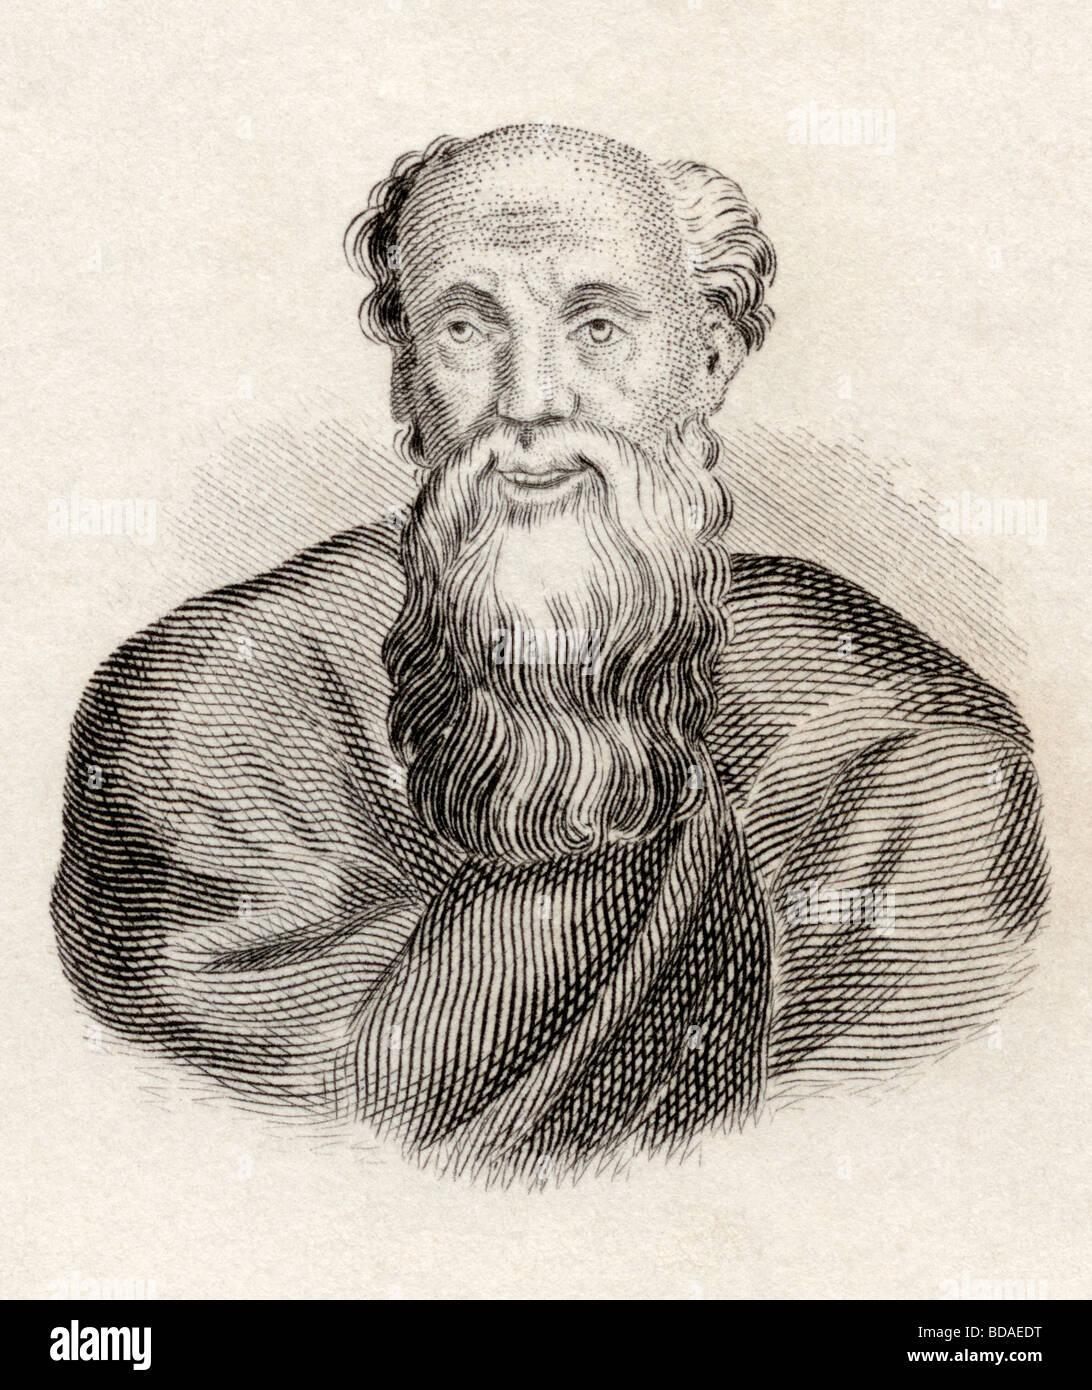 Demócrito nacido circa 460 a.c. murió circa 370 a.c. filósofo griego antiguo. Imagen De Stock